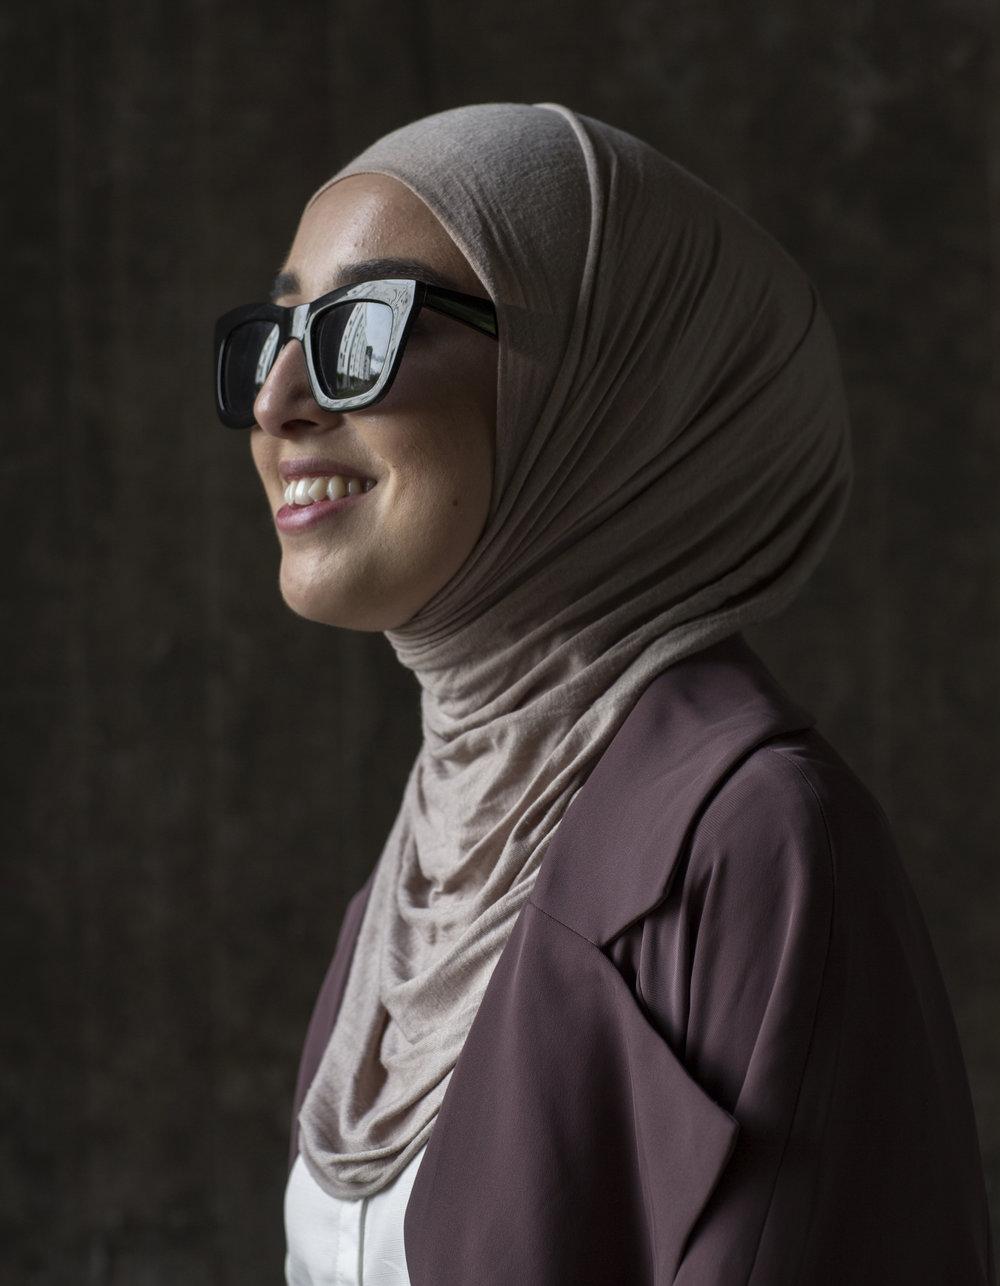 hijabistas__MG_4200_160617_EBE.jpg